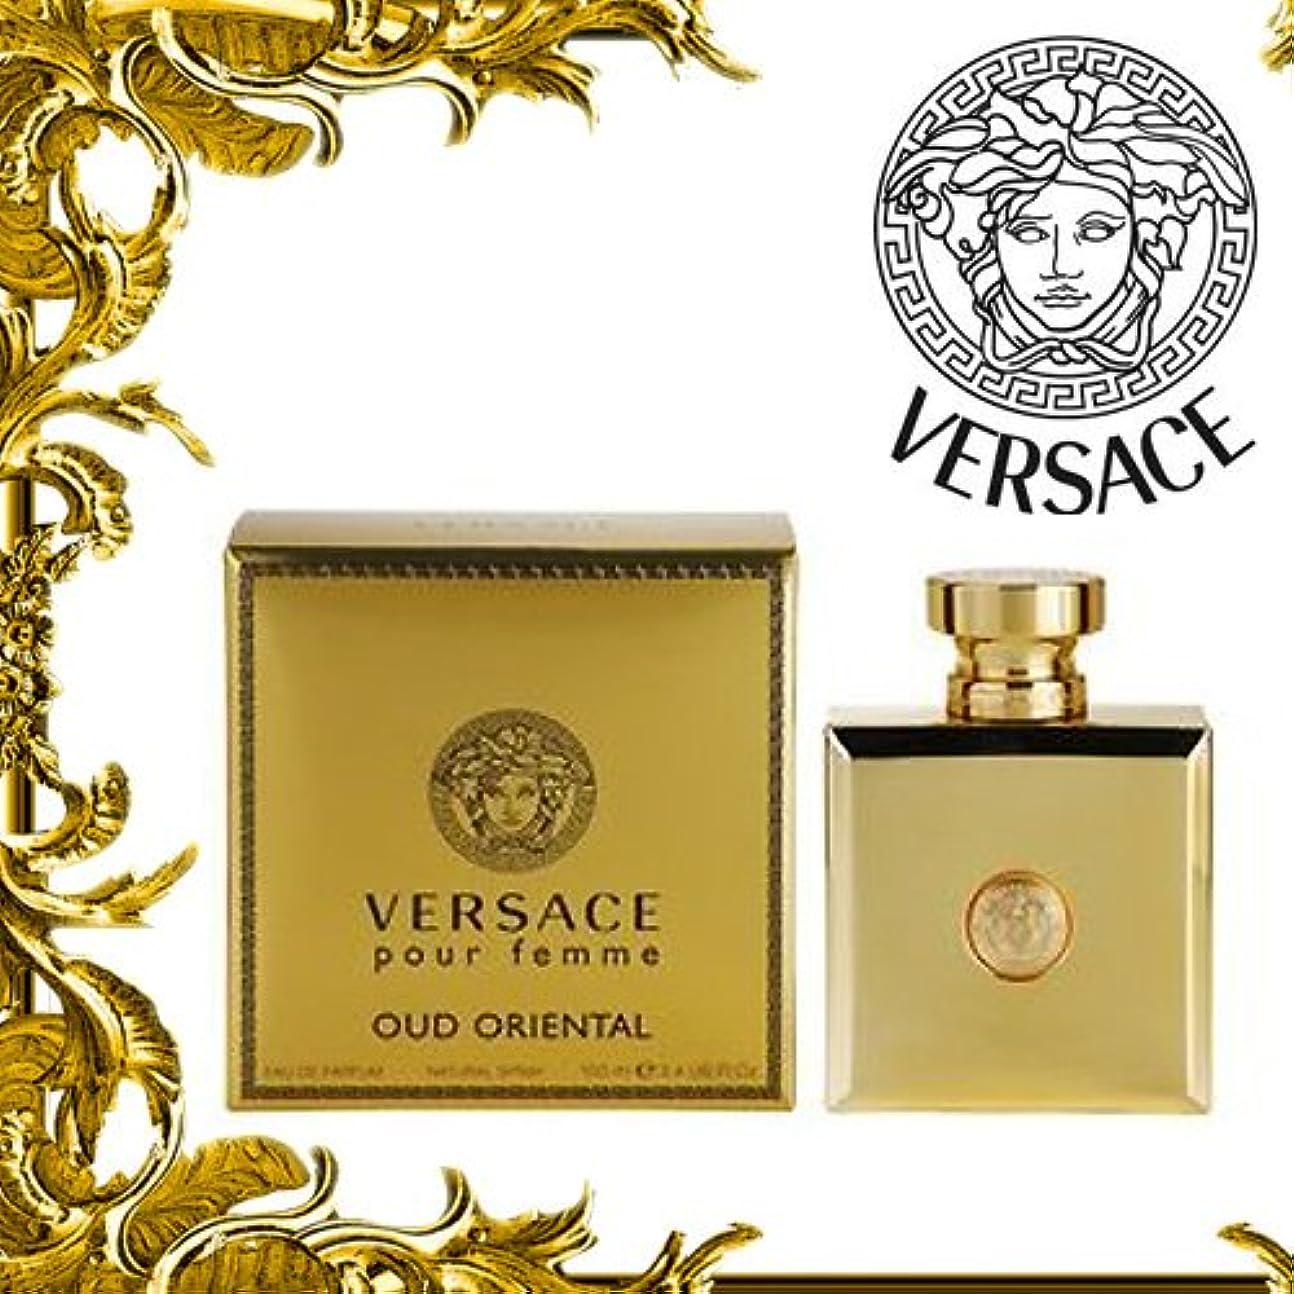 同種の慈善グレーVERSACE(ヴェルサーチ) 香水 ウード オリエンタル オードパルファム スプレー -- 100ml/3.4oz [並行輸入品]